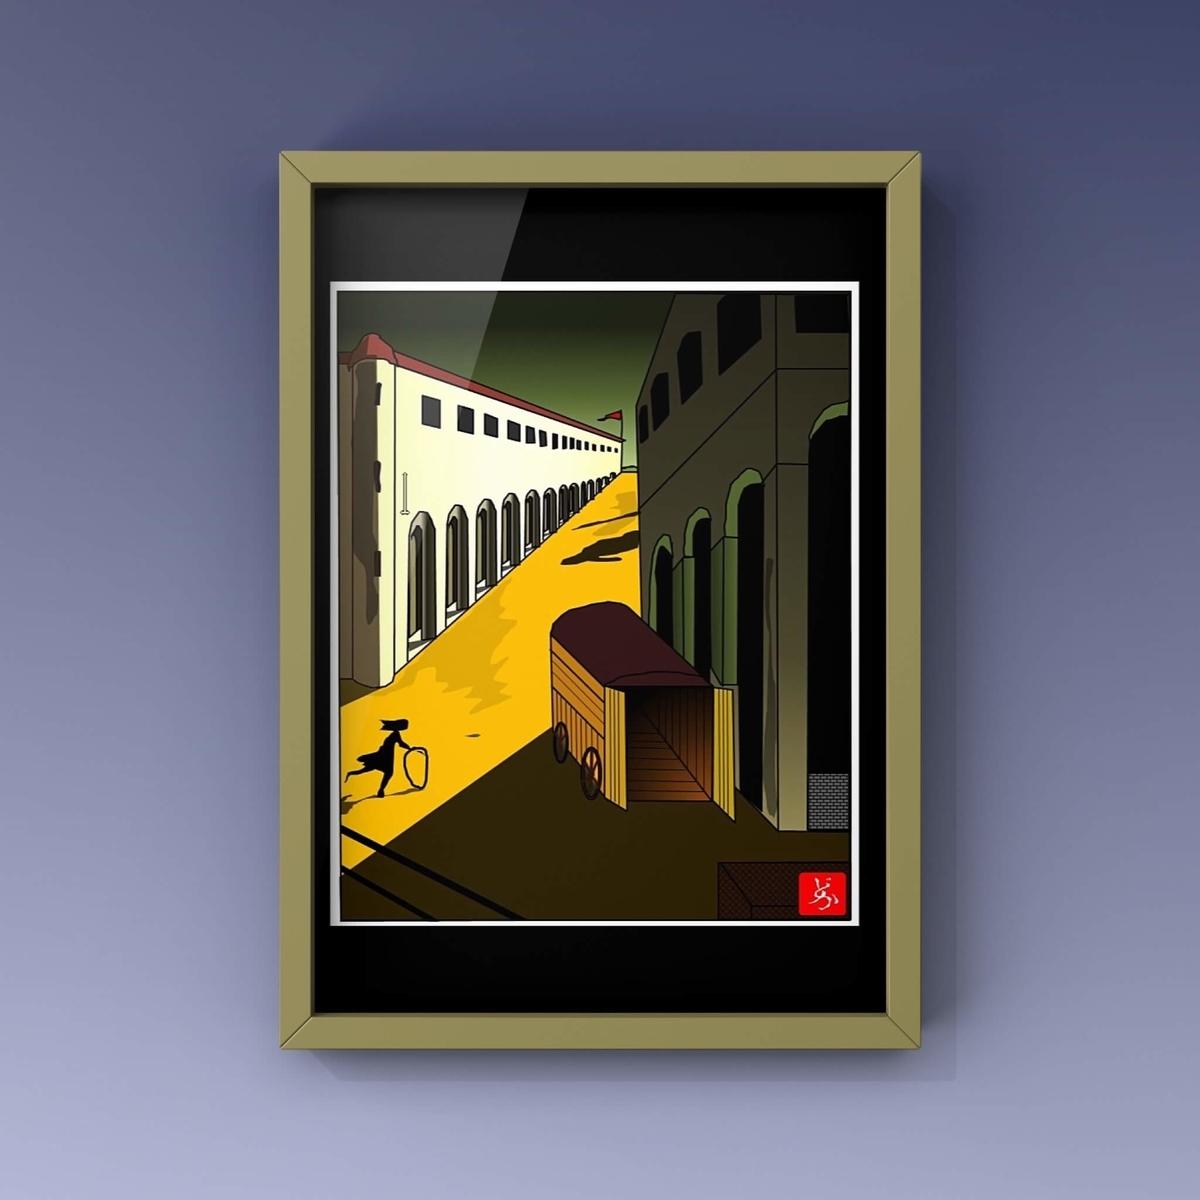 デ・キリコの「通りの神秘と憂鬱」のエクセル画で模写額装版